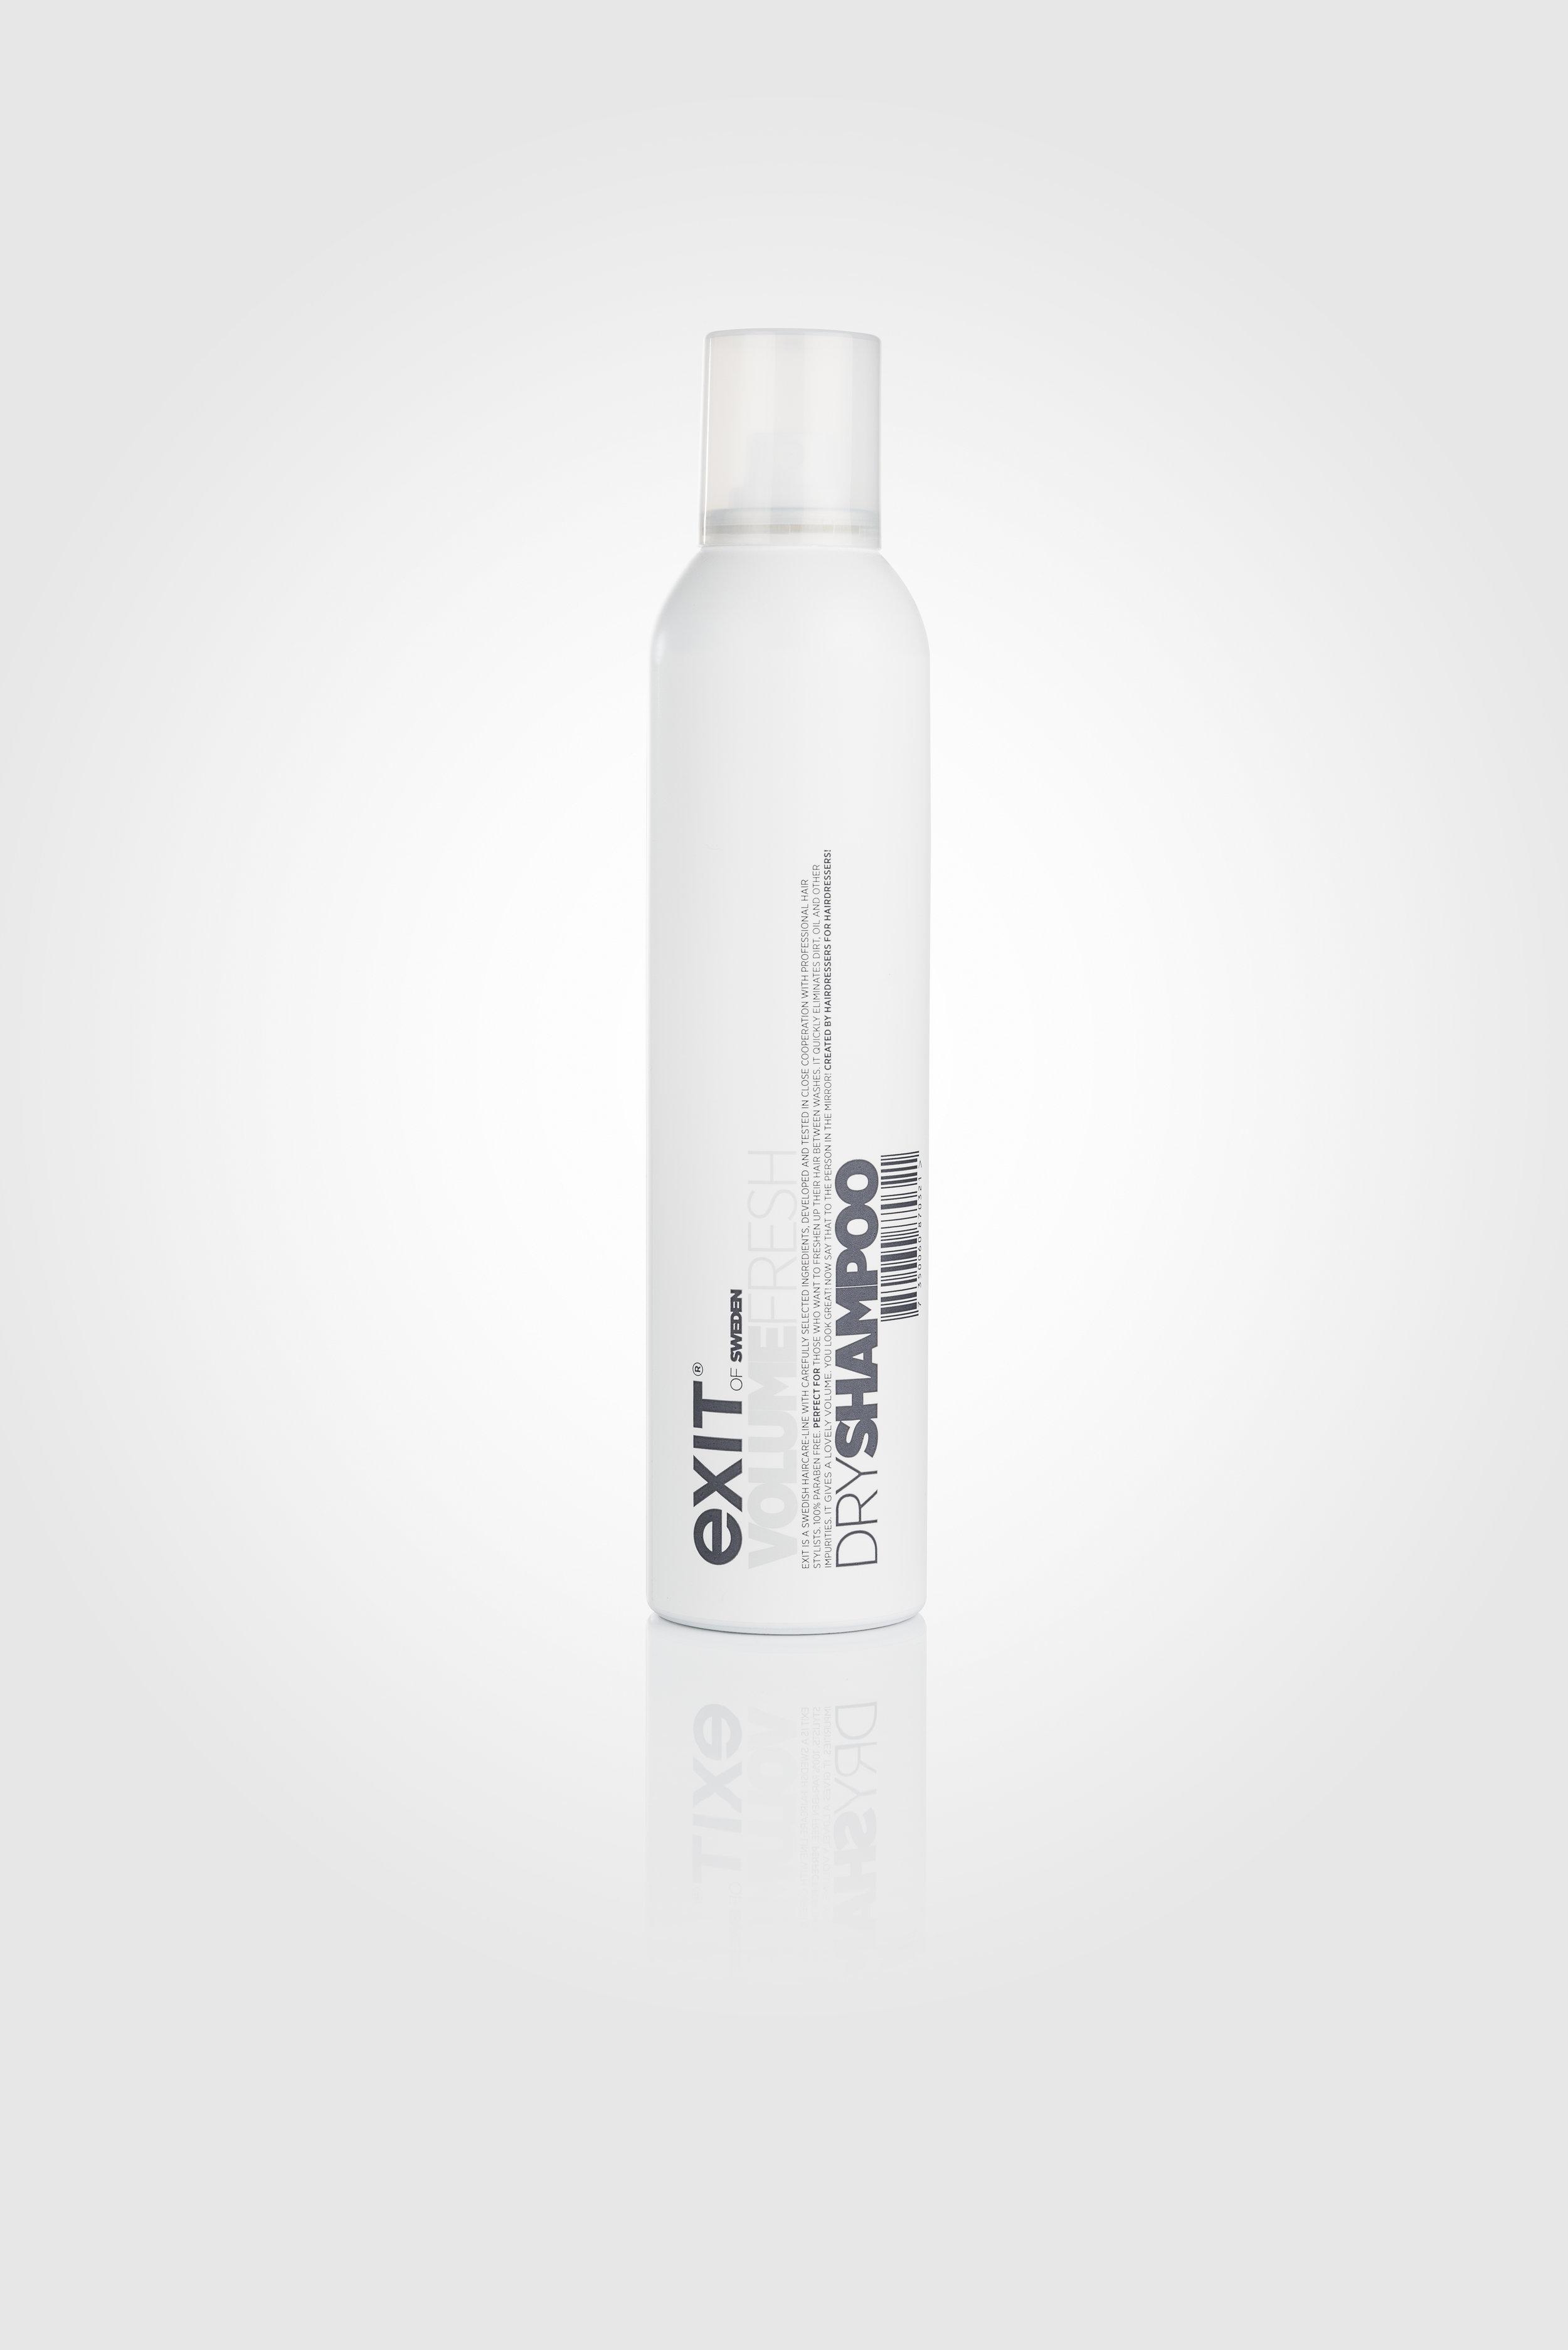 Ett professionellt volymgivande torrschampo som fräschar upp din frisyr mellan tvättarna. Håret får en otrolig fräsch doft som sitter i hela dan.